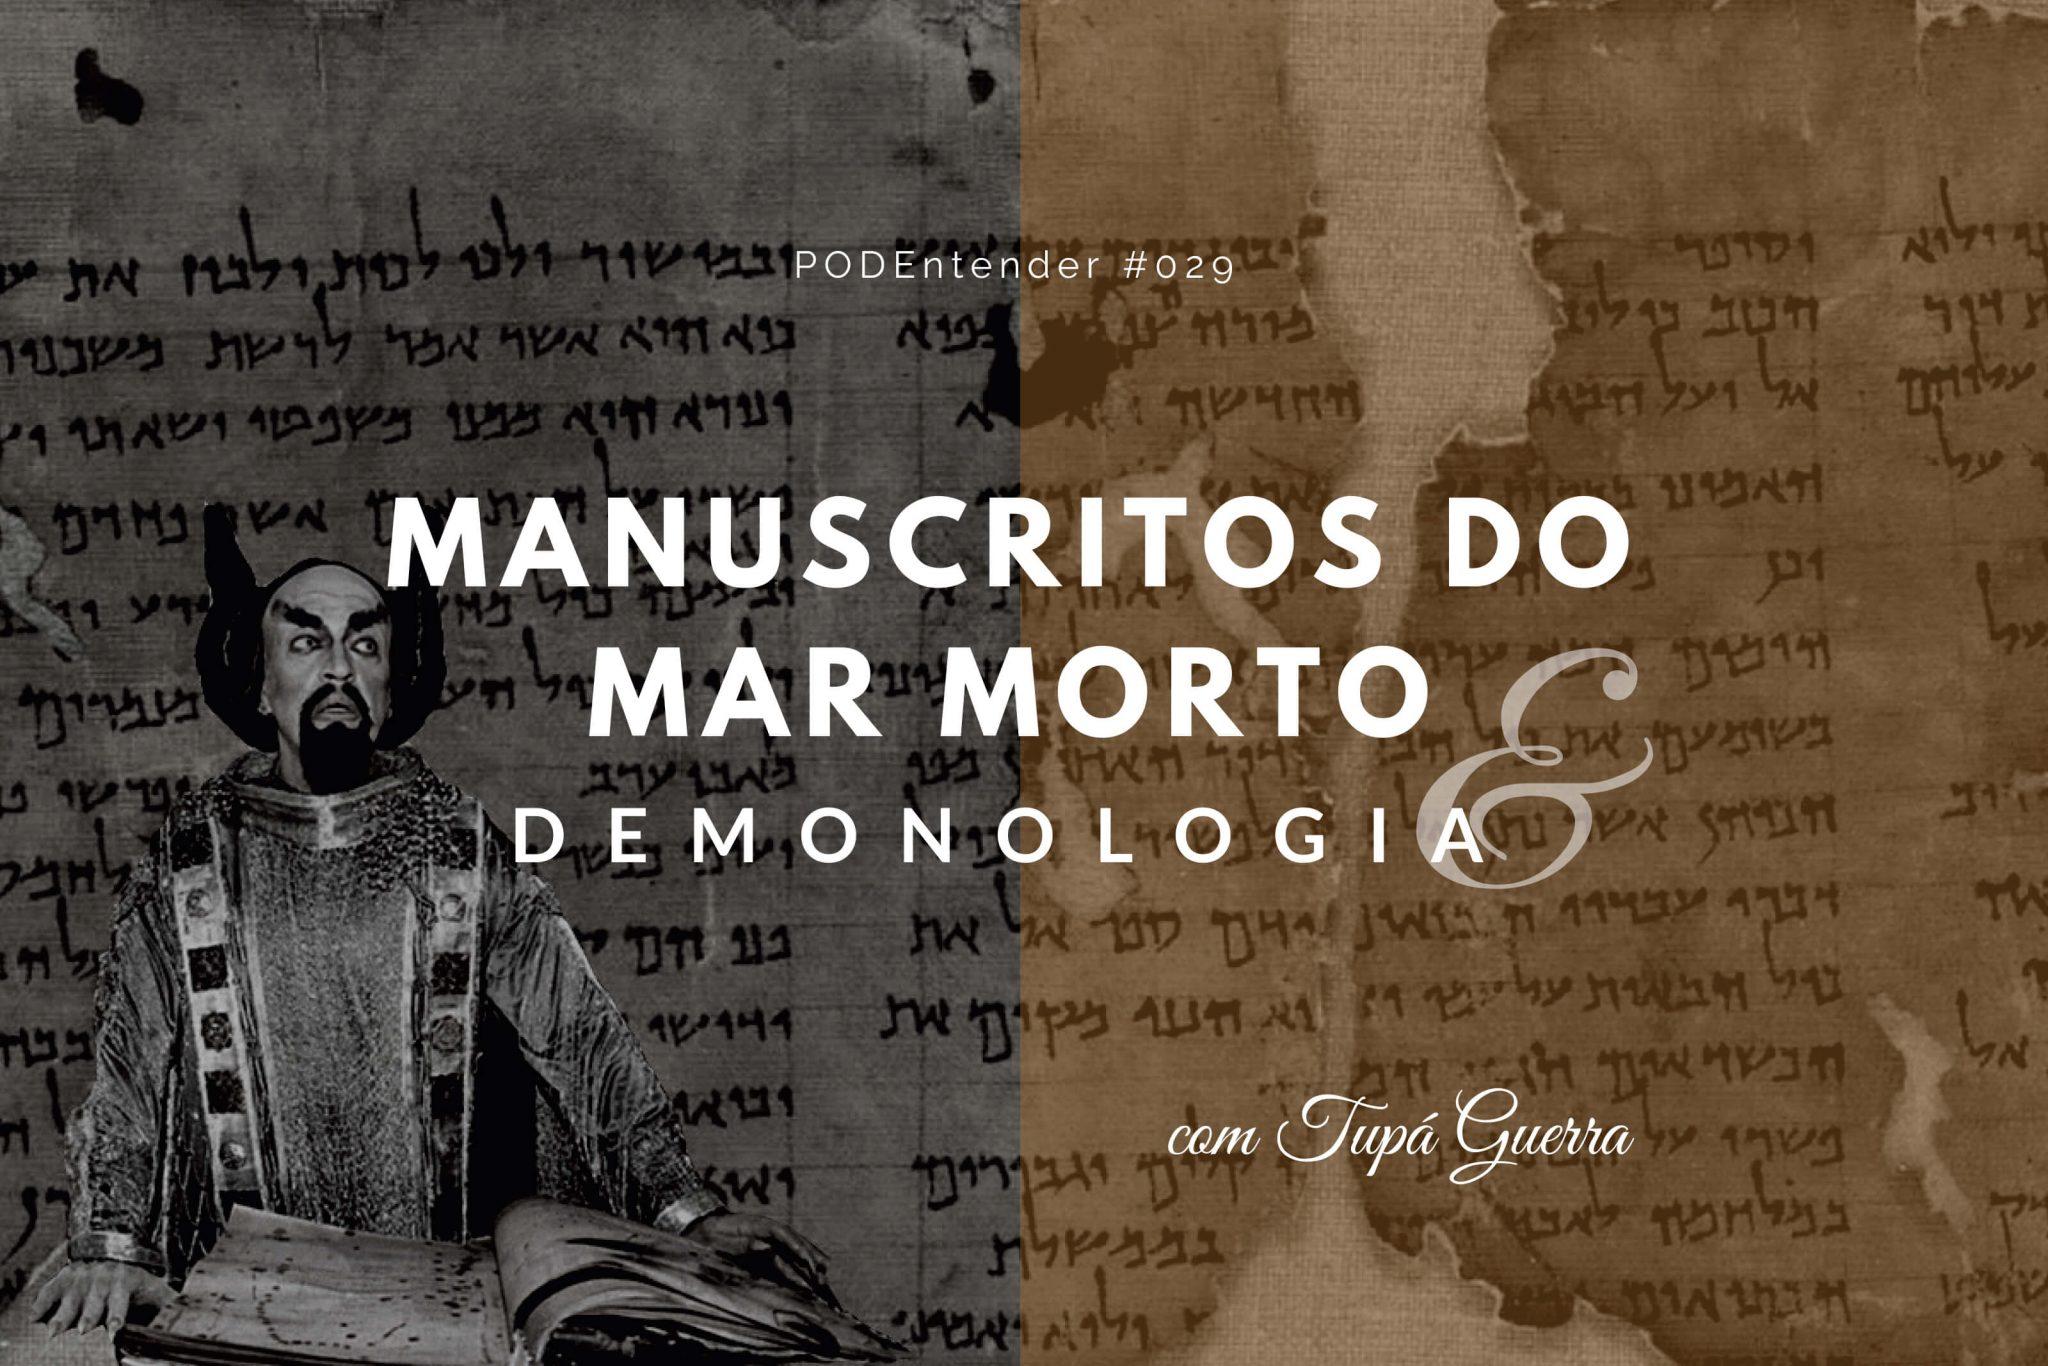 Sobre manuscritos do mar morto e demonologia